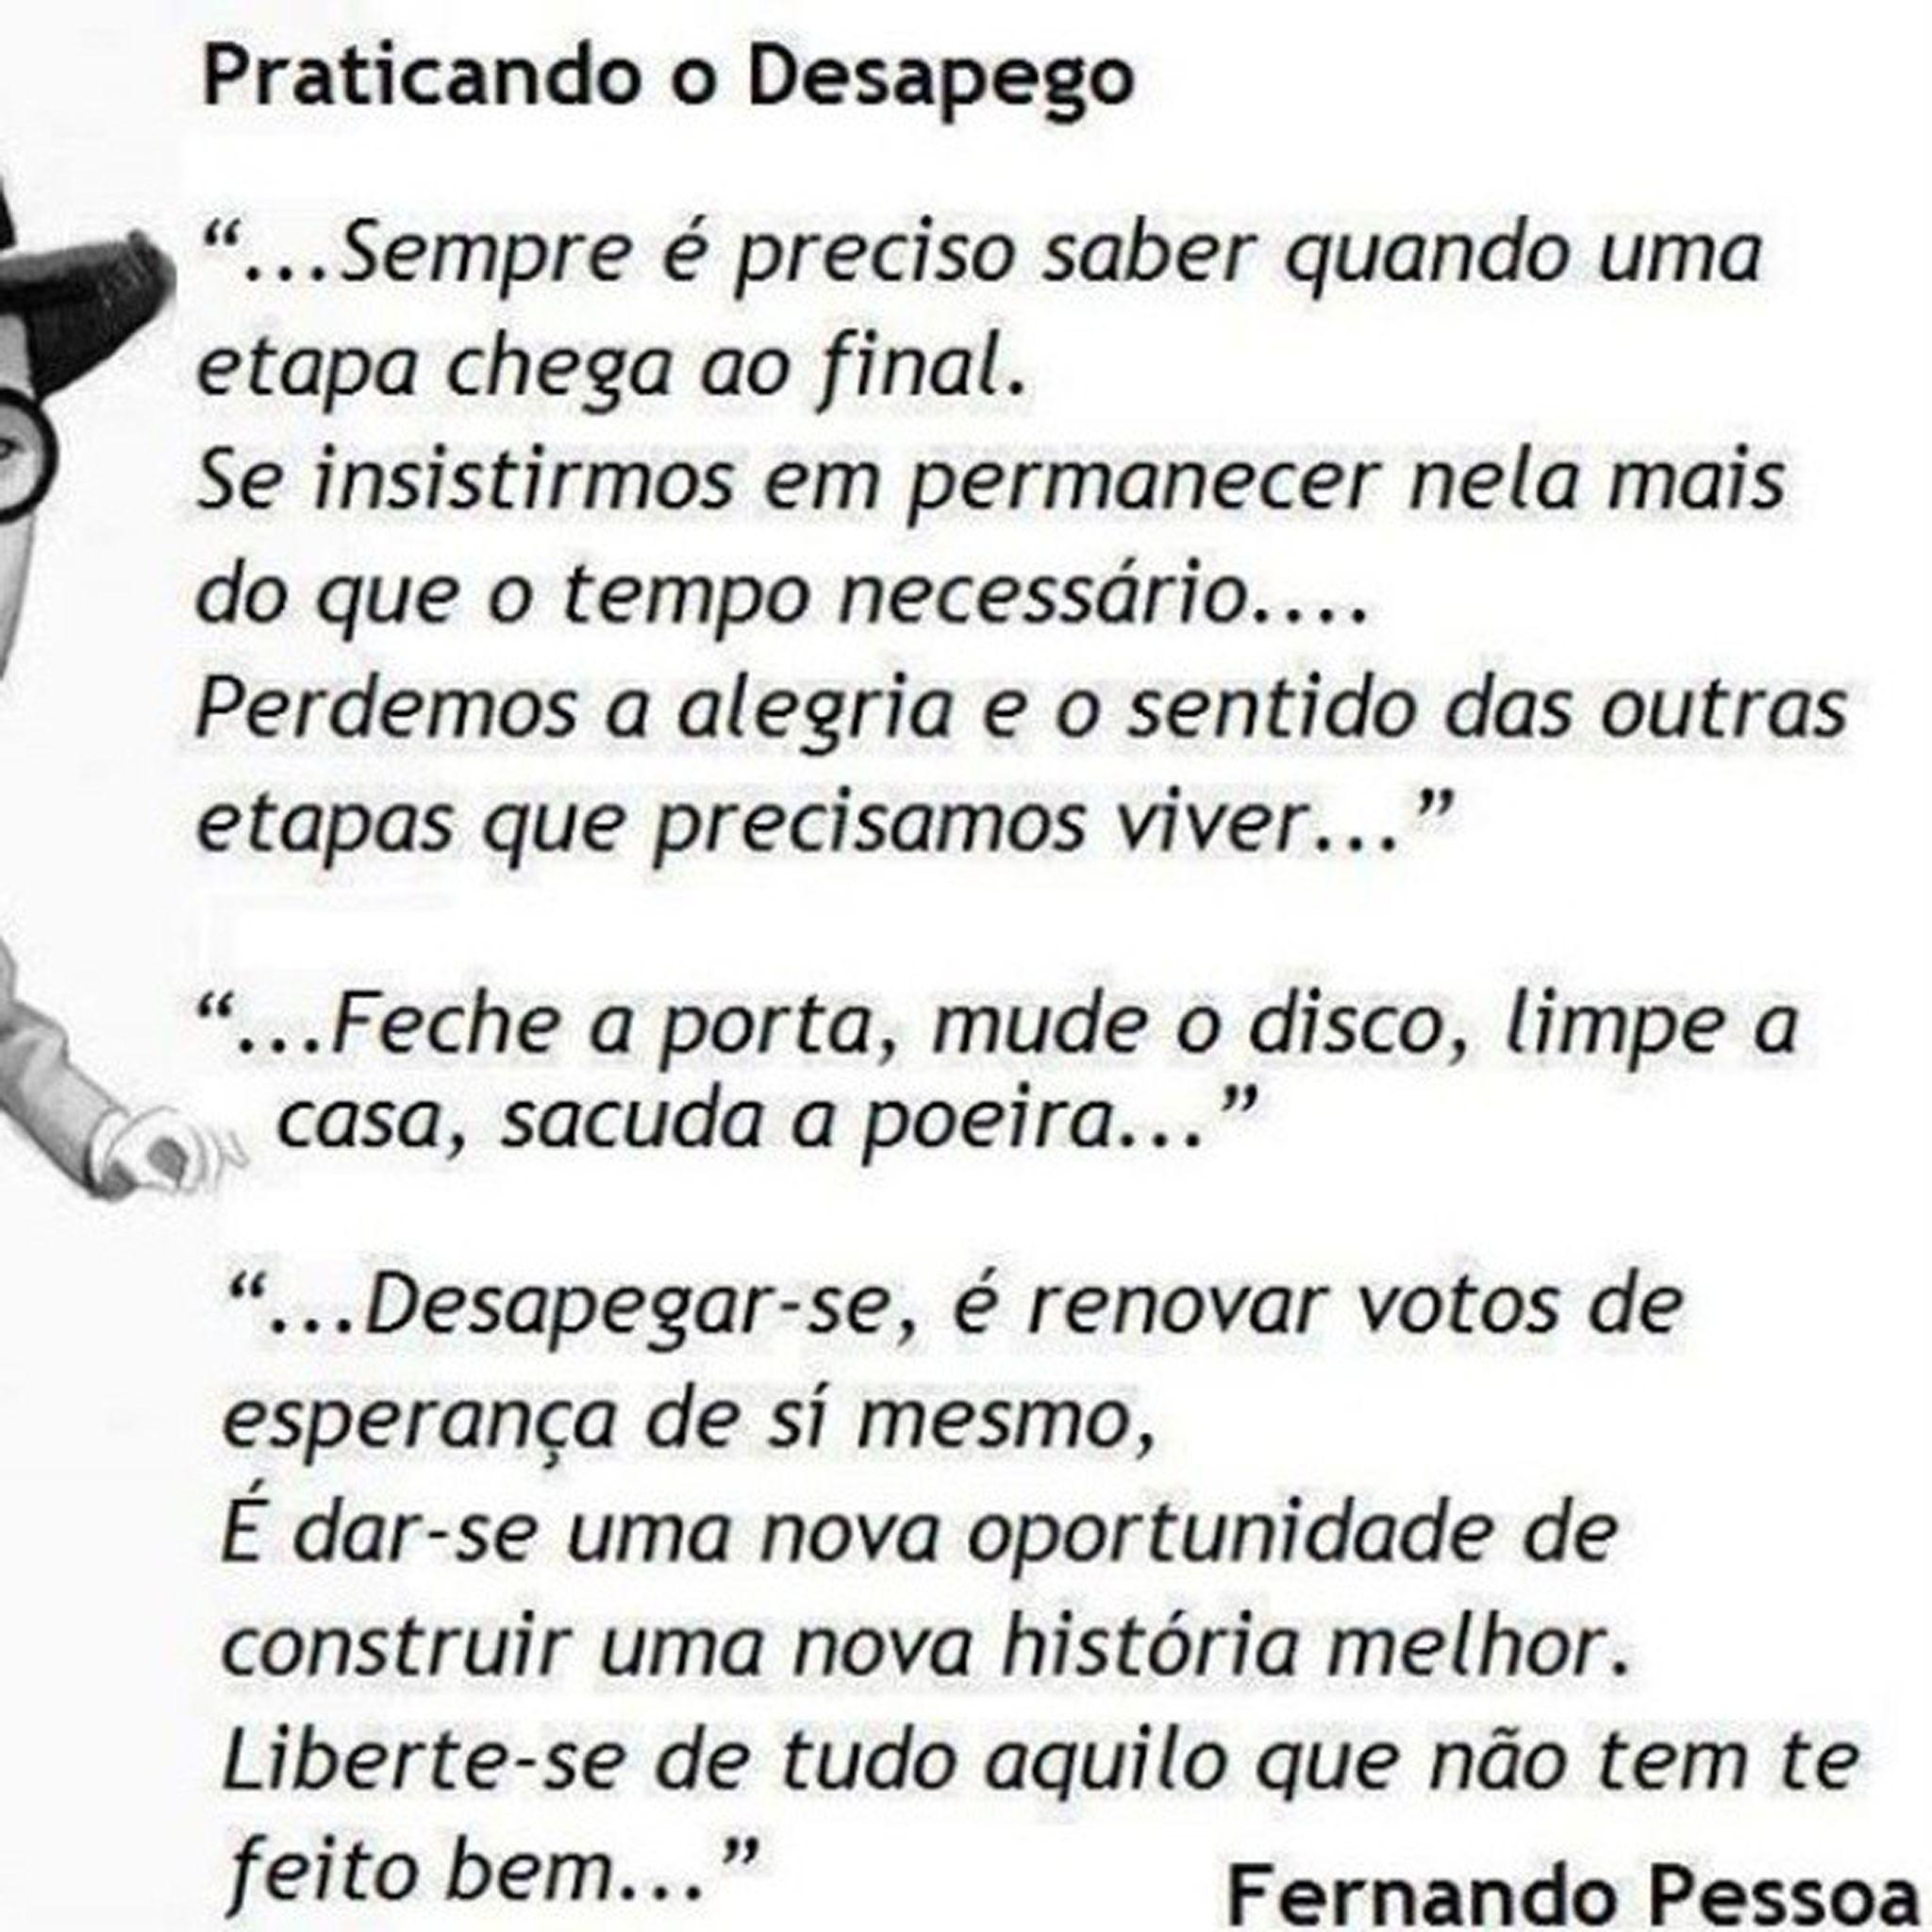 Conhecido Praticando o desapego , um poema de Fernando Pessoa. | Crer para  MR55